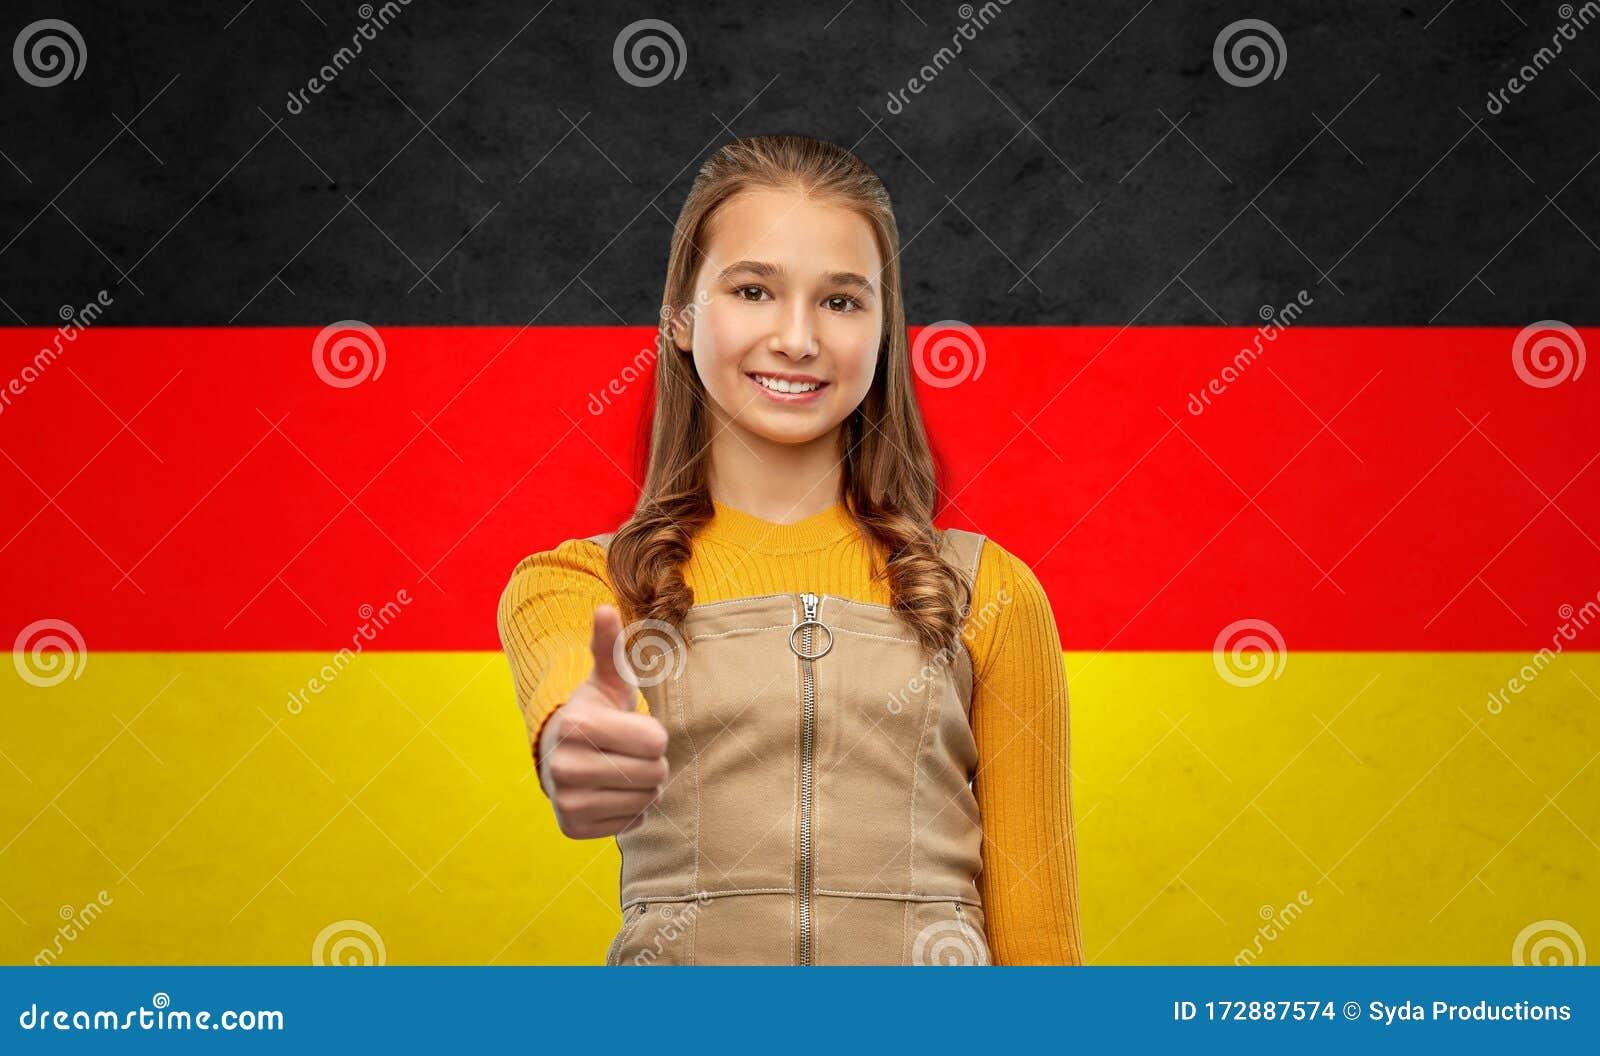 Girls german teen 7 reasons